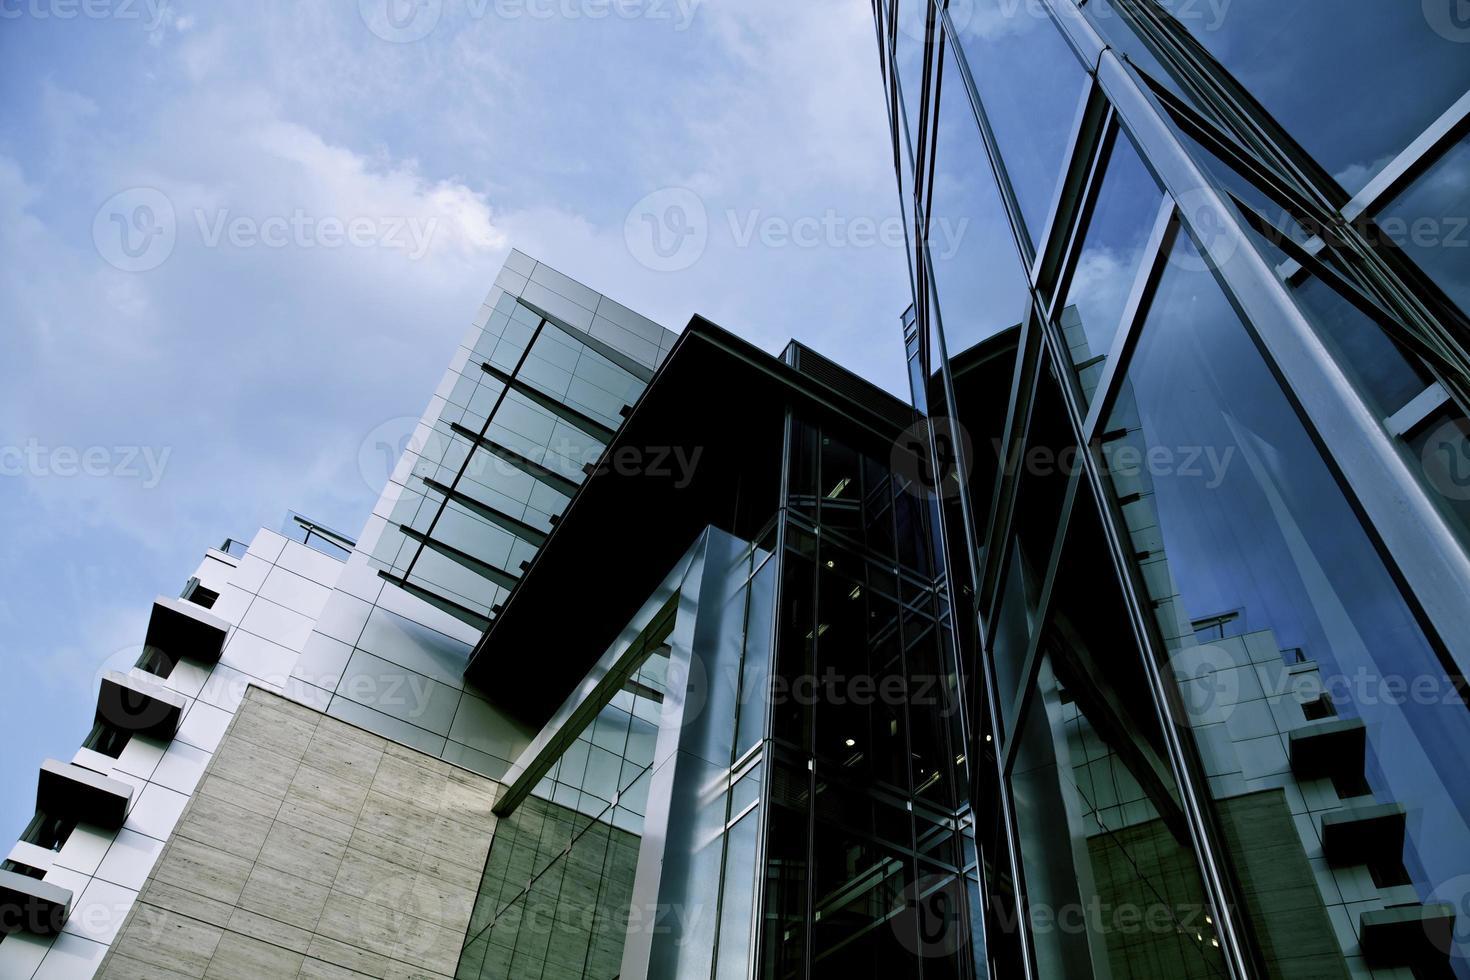 affärskontor skyskrapa bygga företags modern arkitektur stadsekonomi tillväxt foto